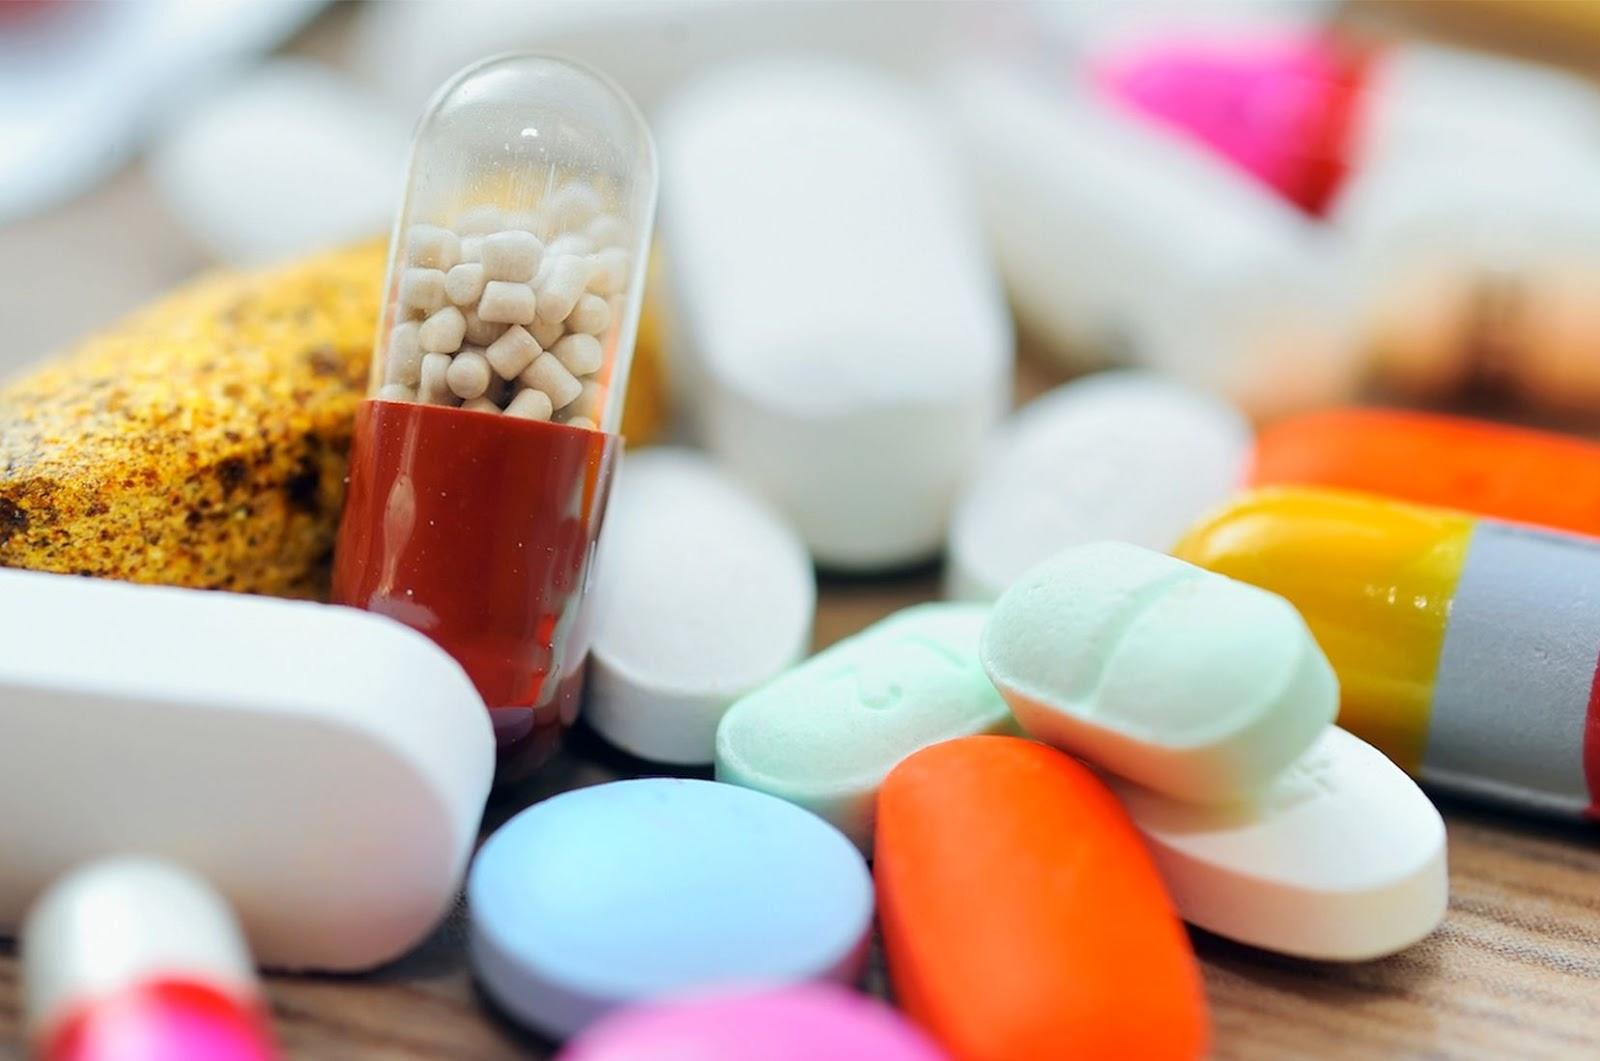 سعر ودواعي استعمال دواء بروتوستوب Protostop لعلاج النزلات المعوية